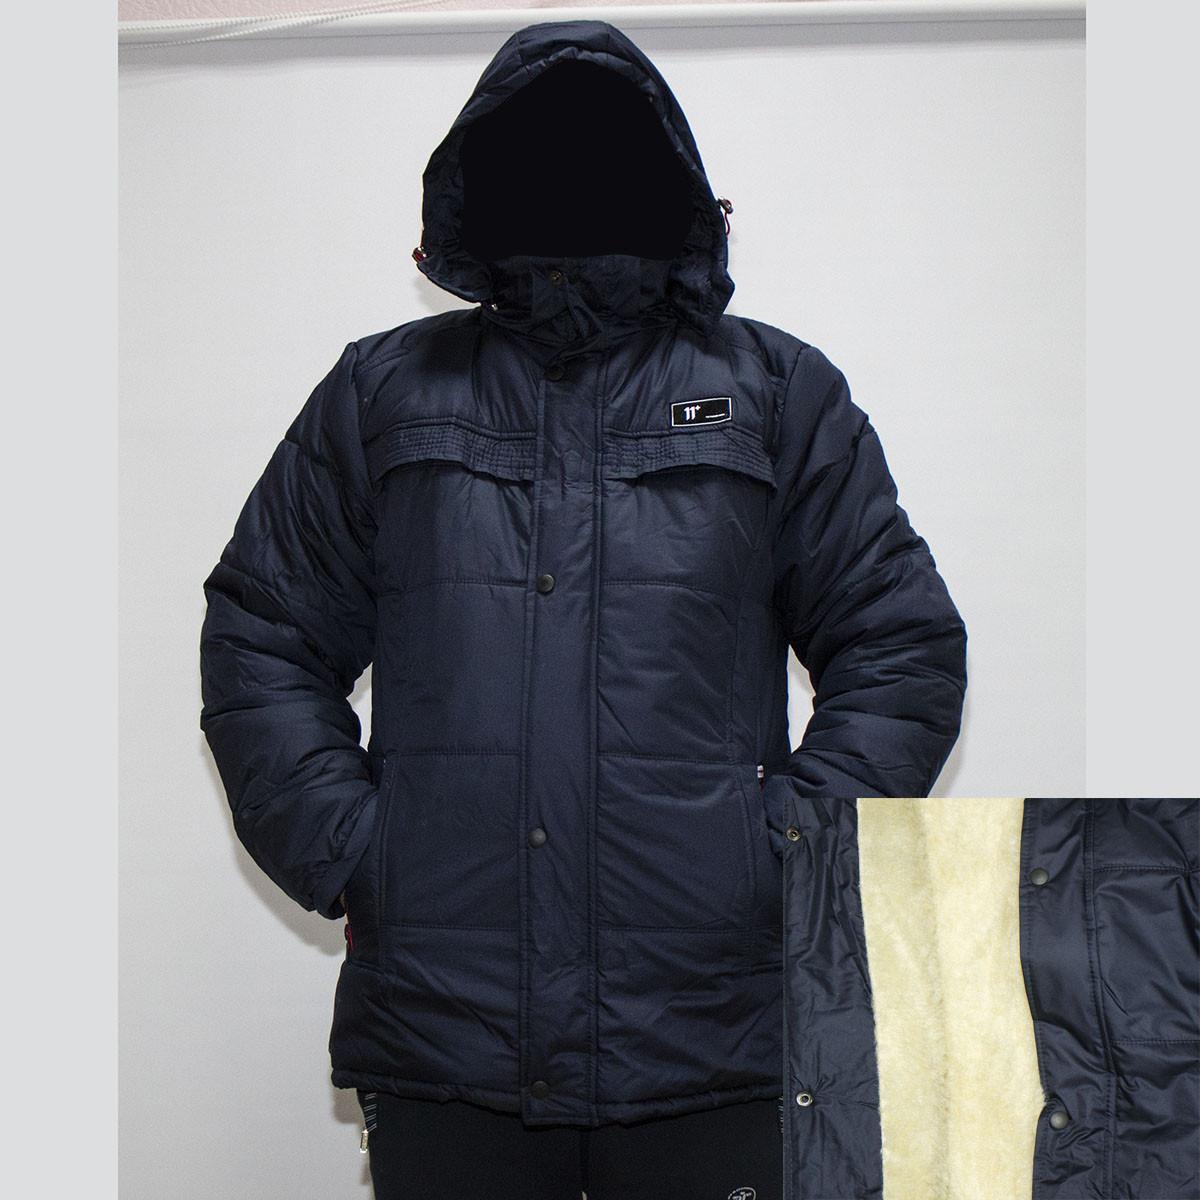 727ae60476f18 Зимние мужские куртки на овчине фабричный пошив пр-во Украина K1701 - Оптово -розничный